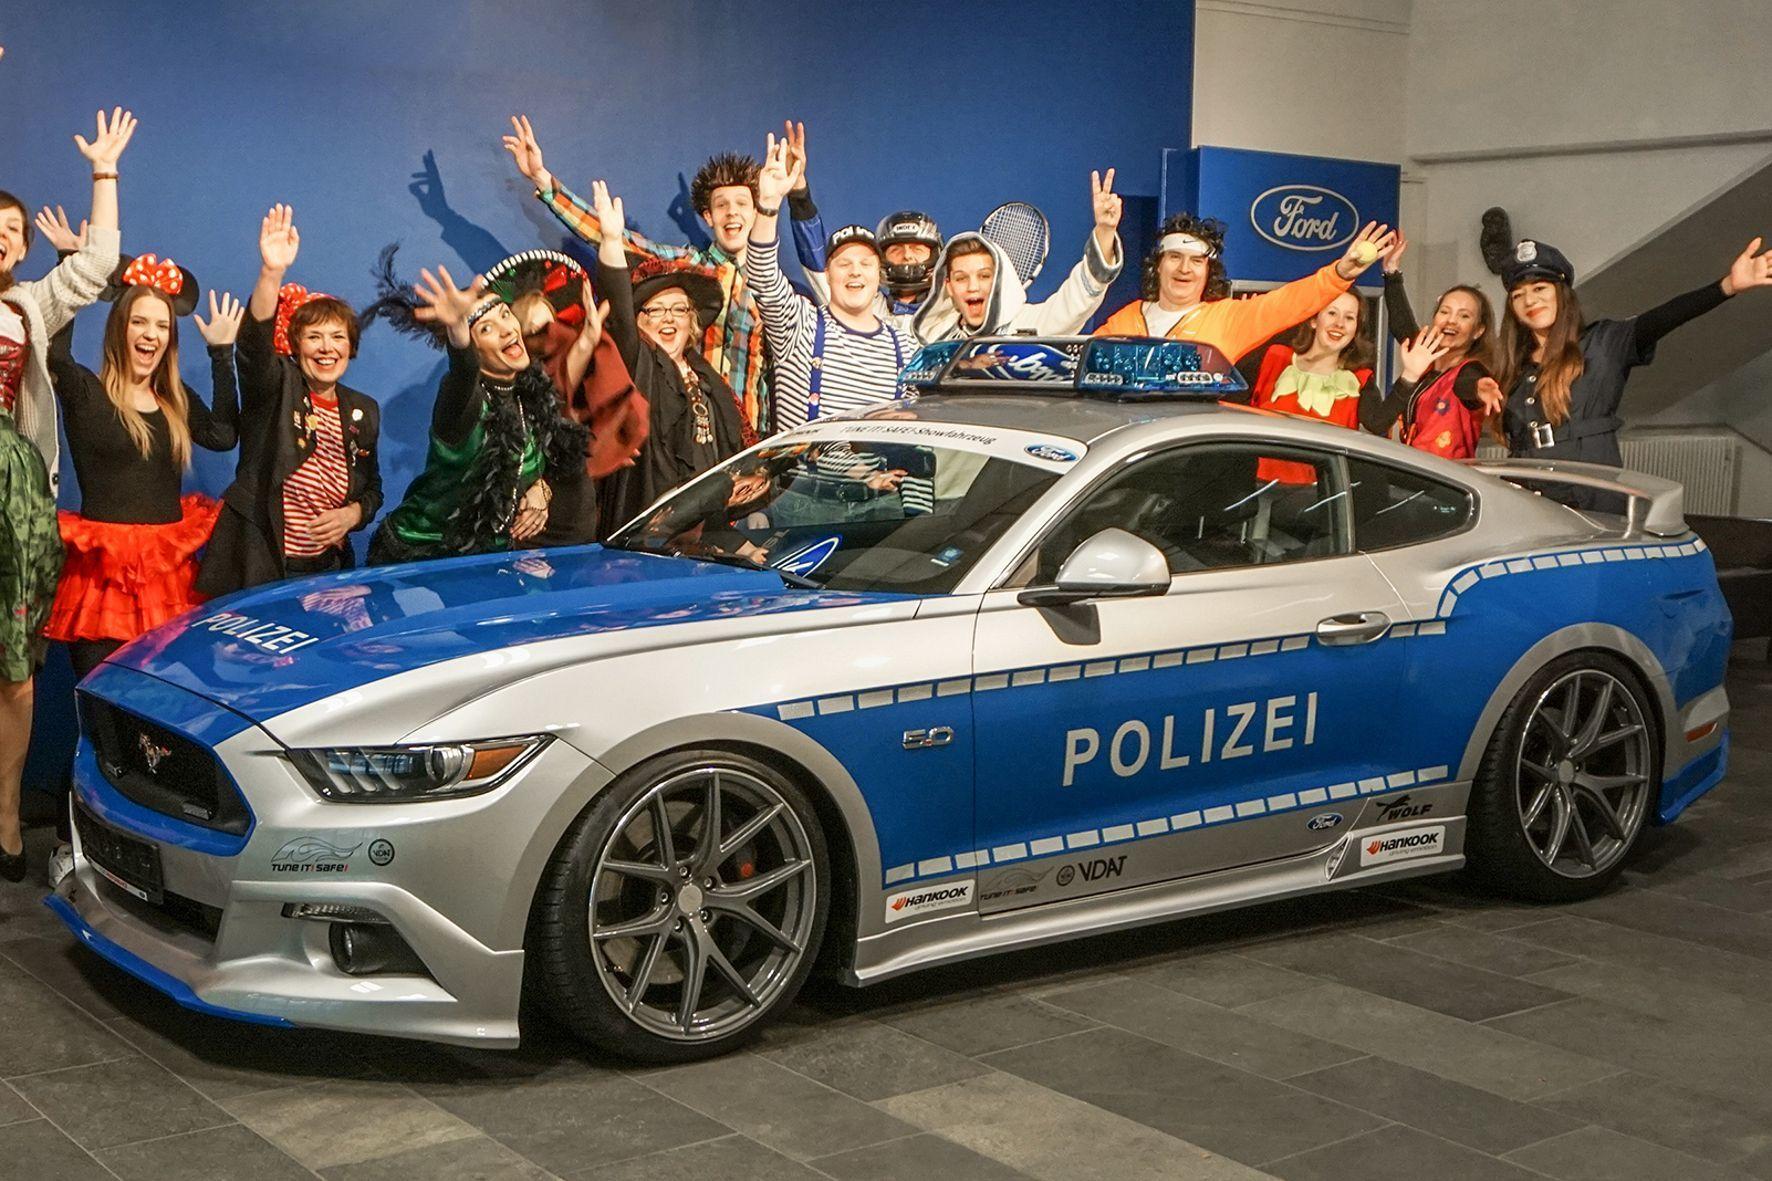 mid Groß-Gerau - Der blau-silberne Streifen-Mustang fährt beim Kölner Rosenmontagszug mit.